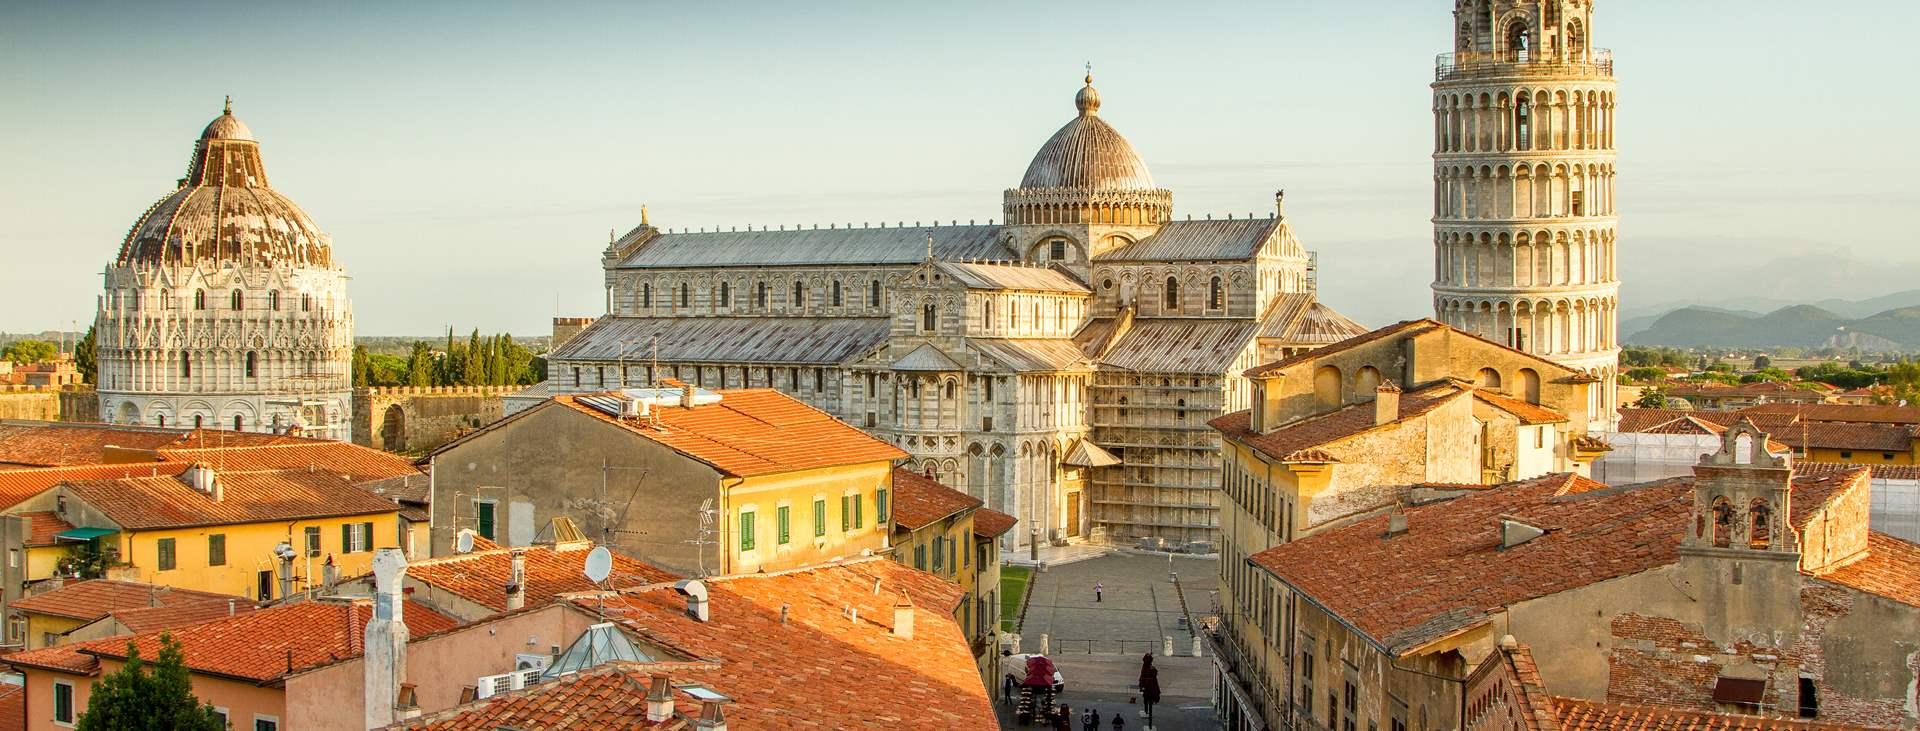 reiser til Pisa i Italia